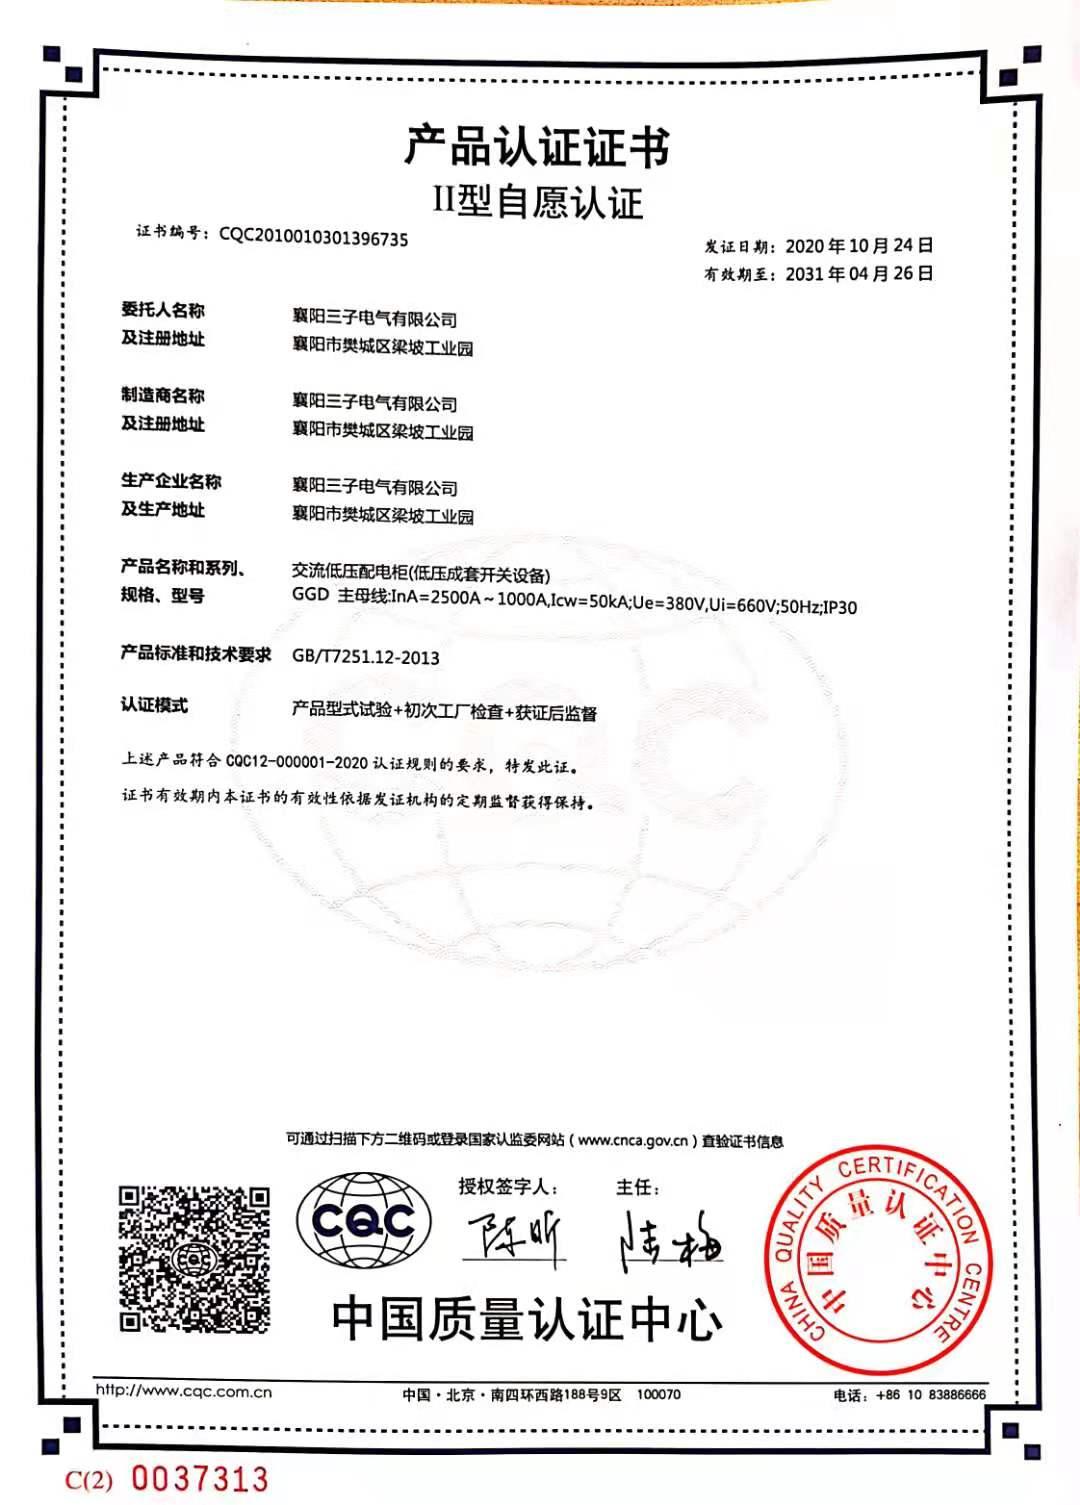 交流APP体育产品认证证书